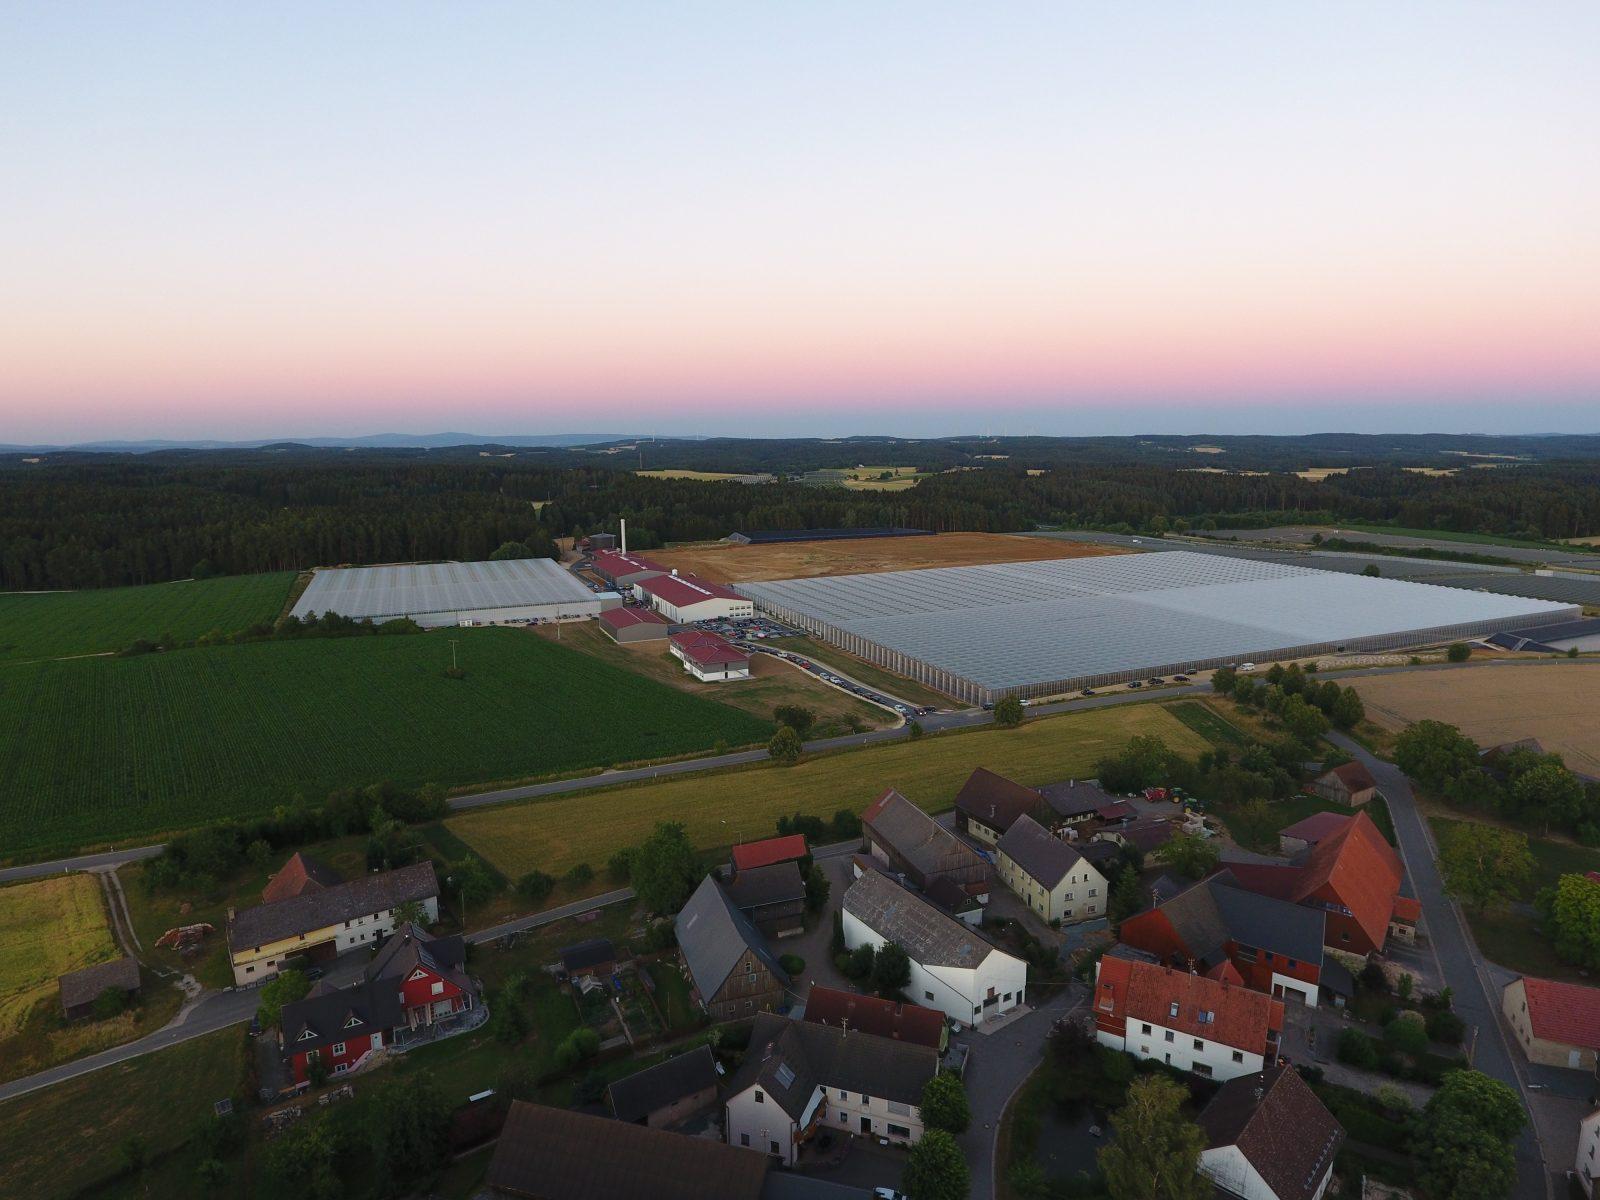 Scherzer-und-Boss-overzichtsfoto-bij-daglicht-1600x1200